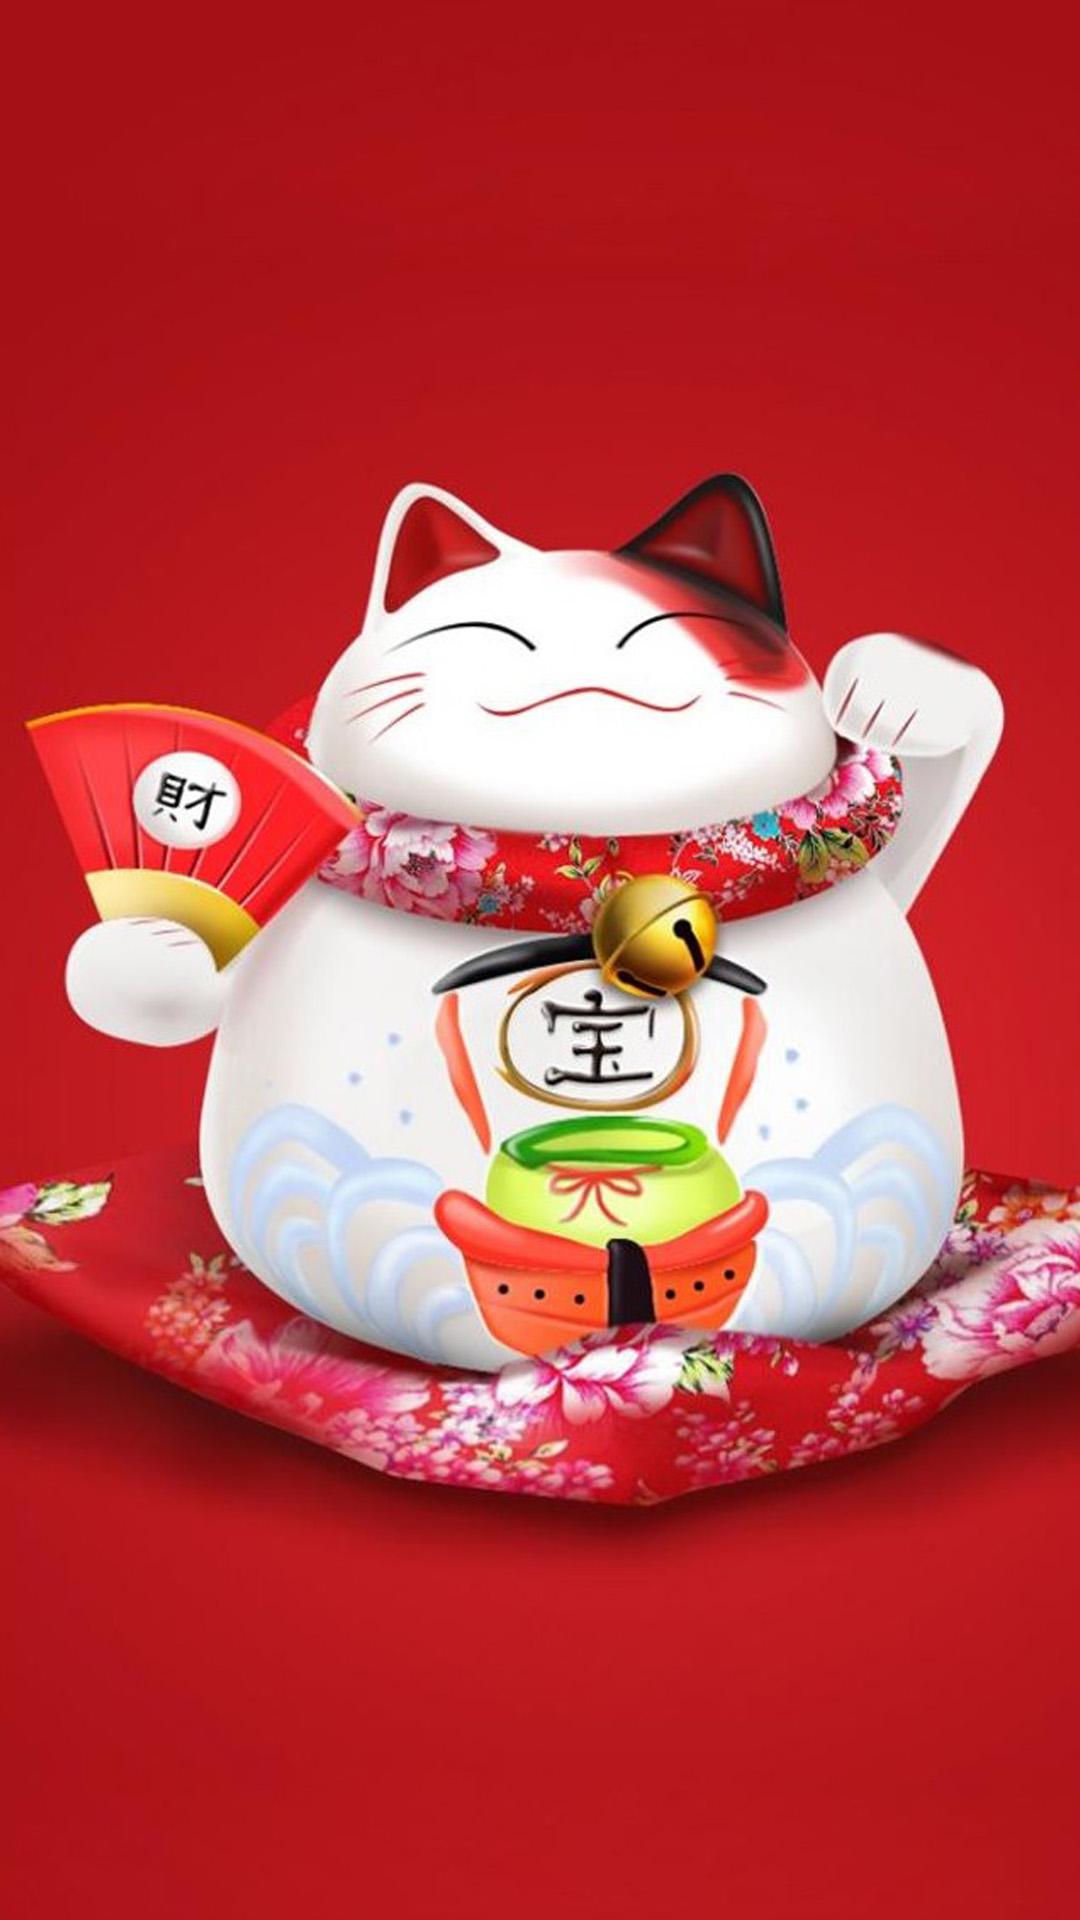 招财猫 陶瓷摆件 红色 苹果手机高清壁纸 1080x1920